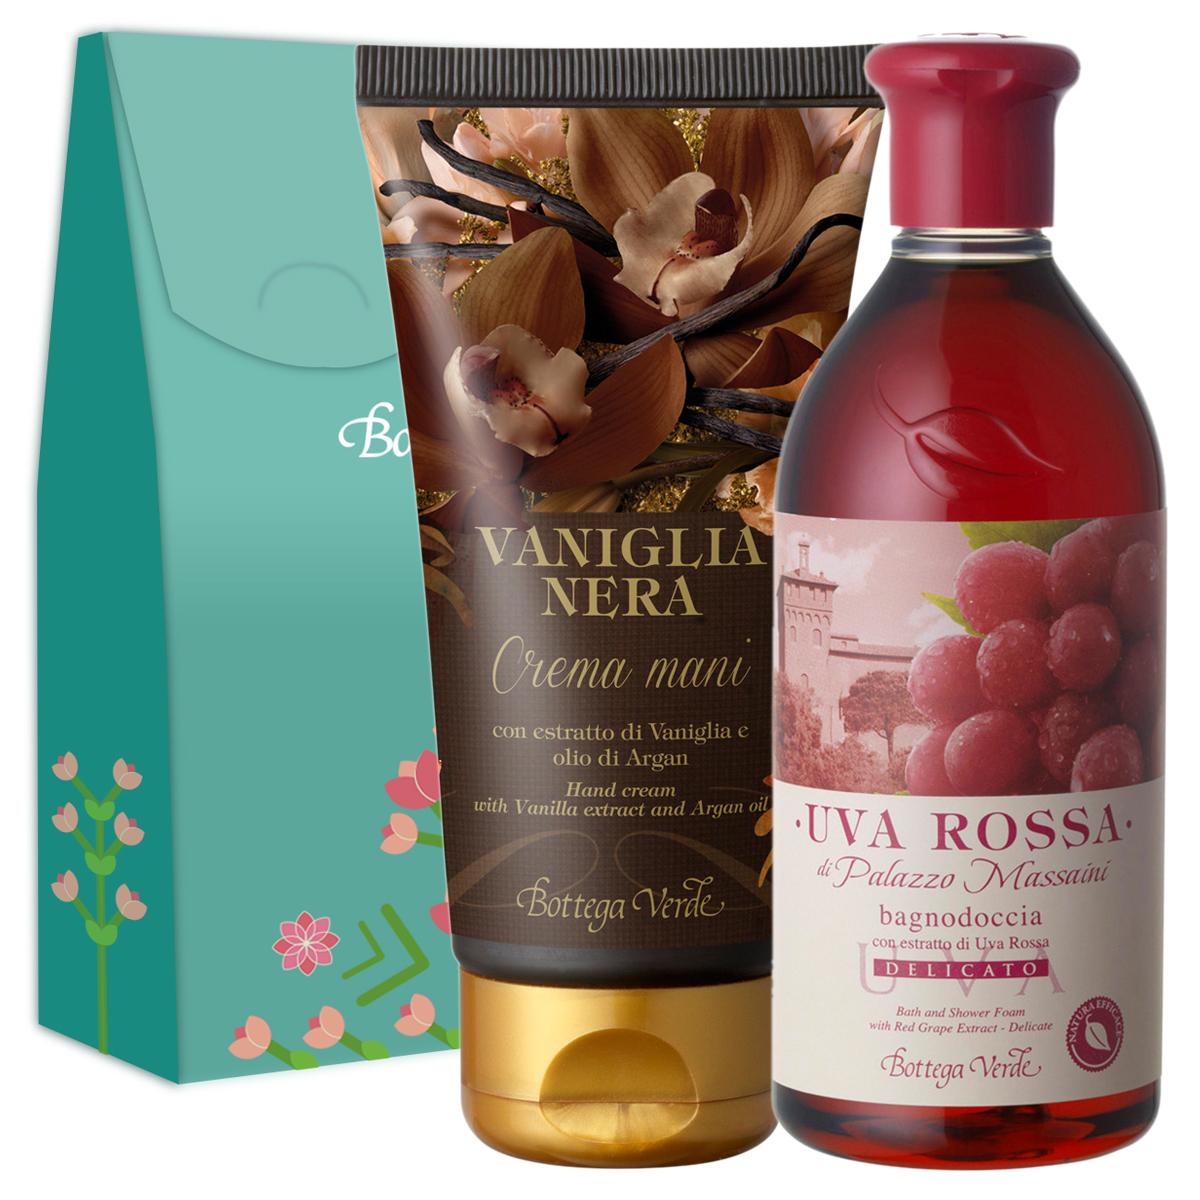 Pachet Special - Gel dus struguri rosii si crema de maini vanilie neagra